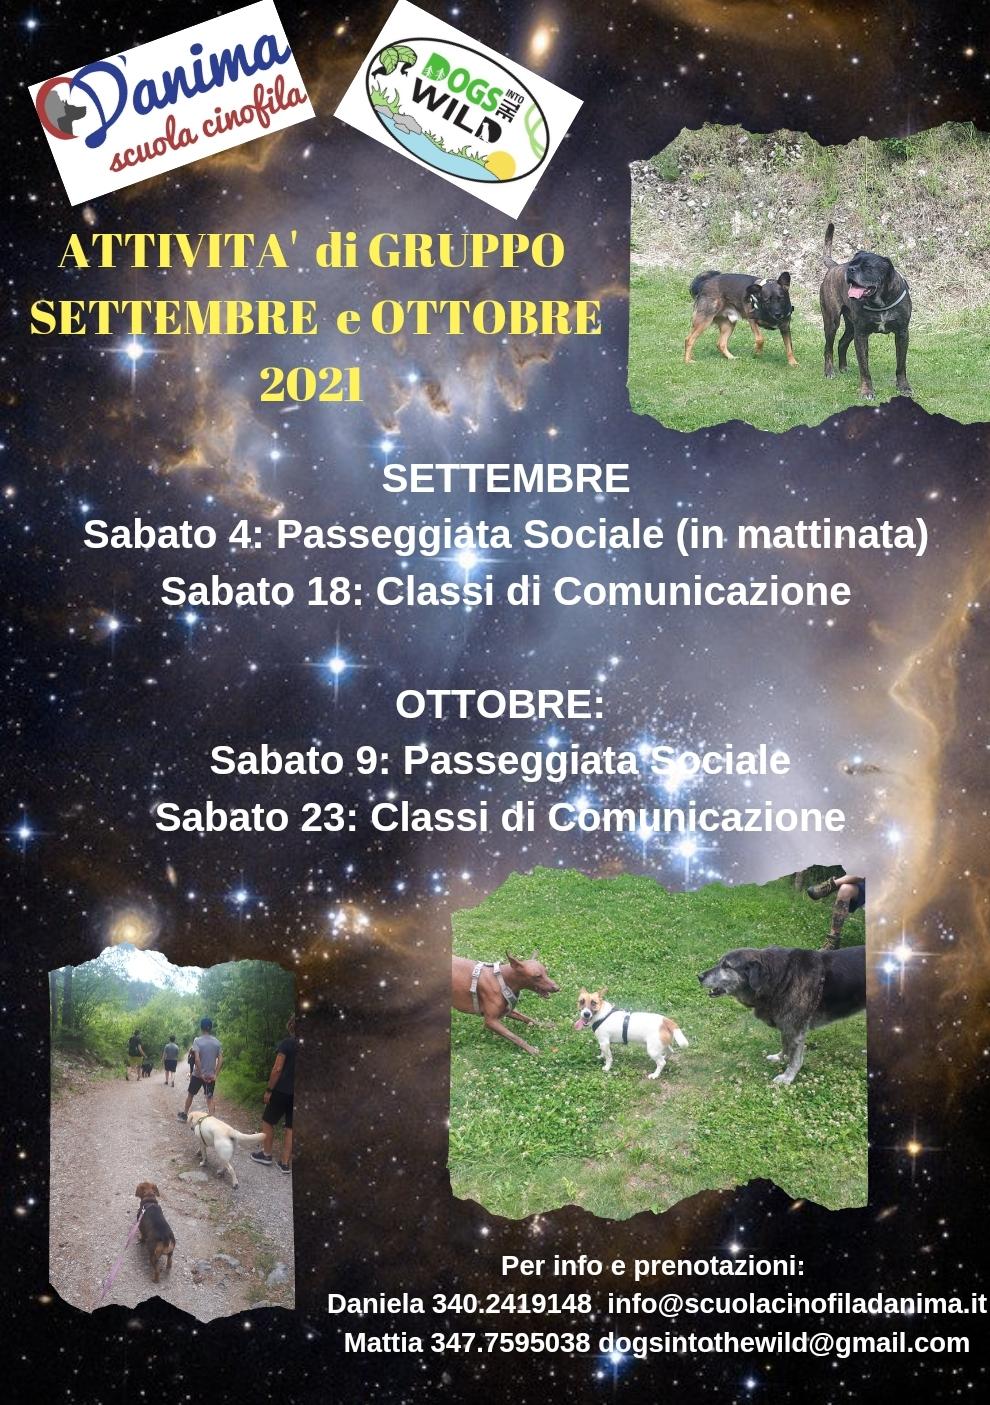 Attività di gruppo settembre/ottobre 2021